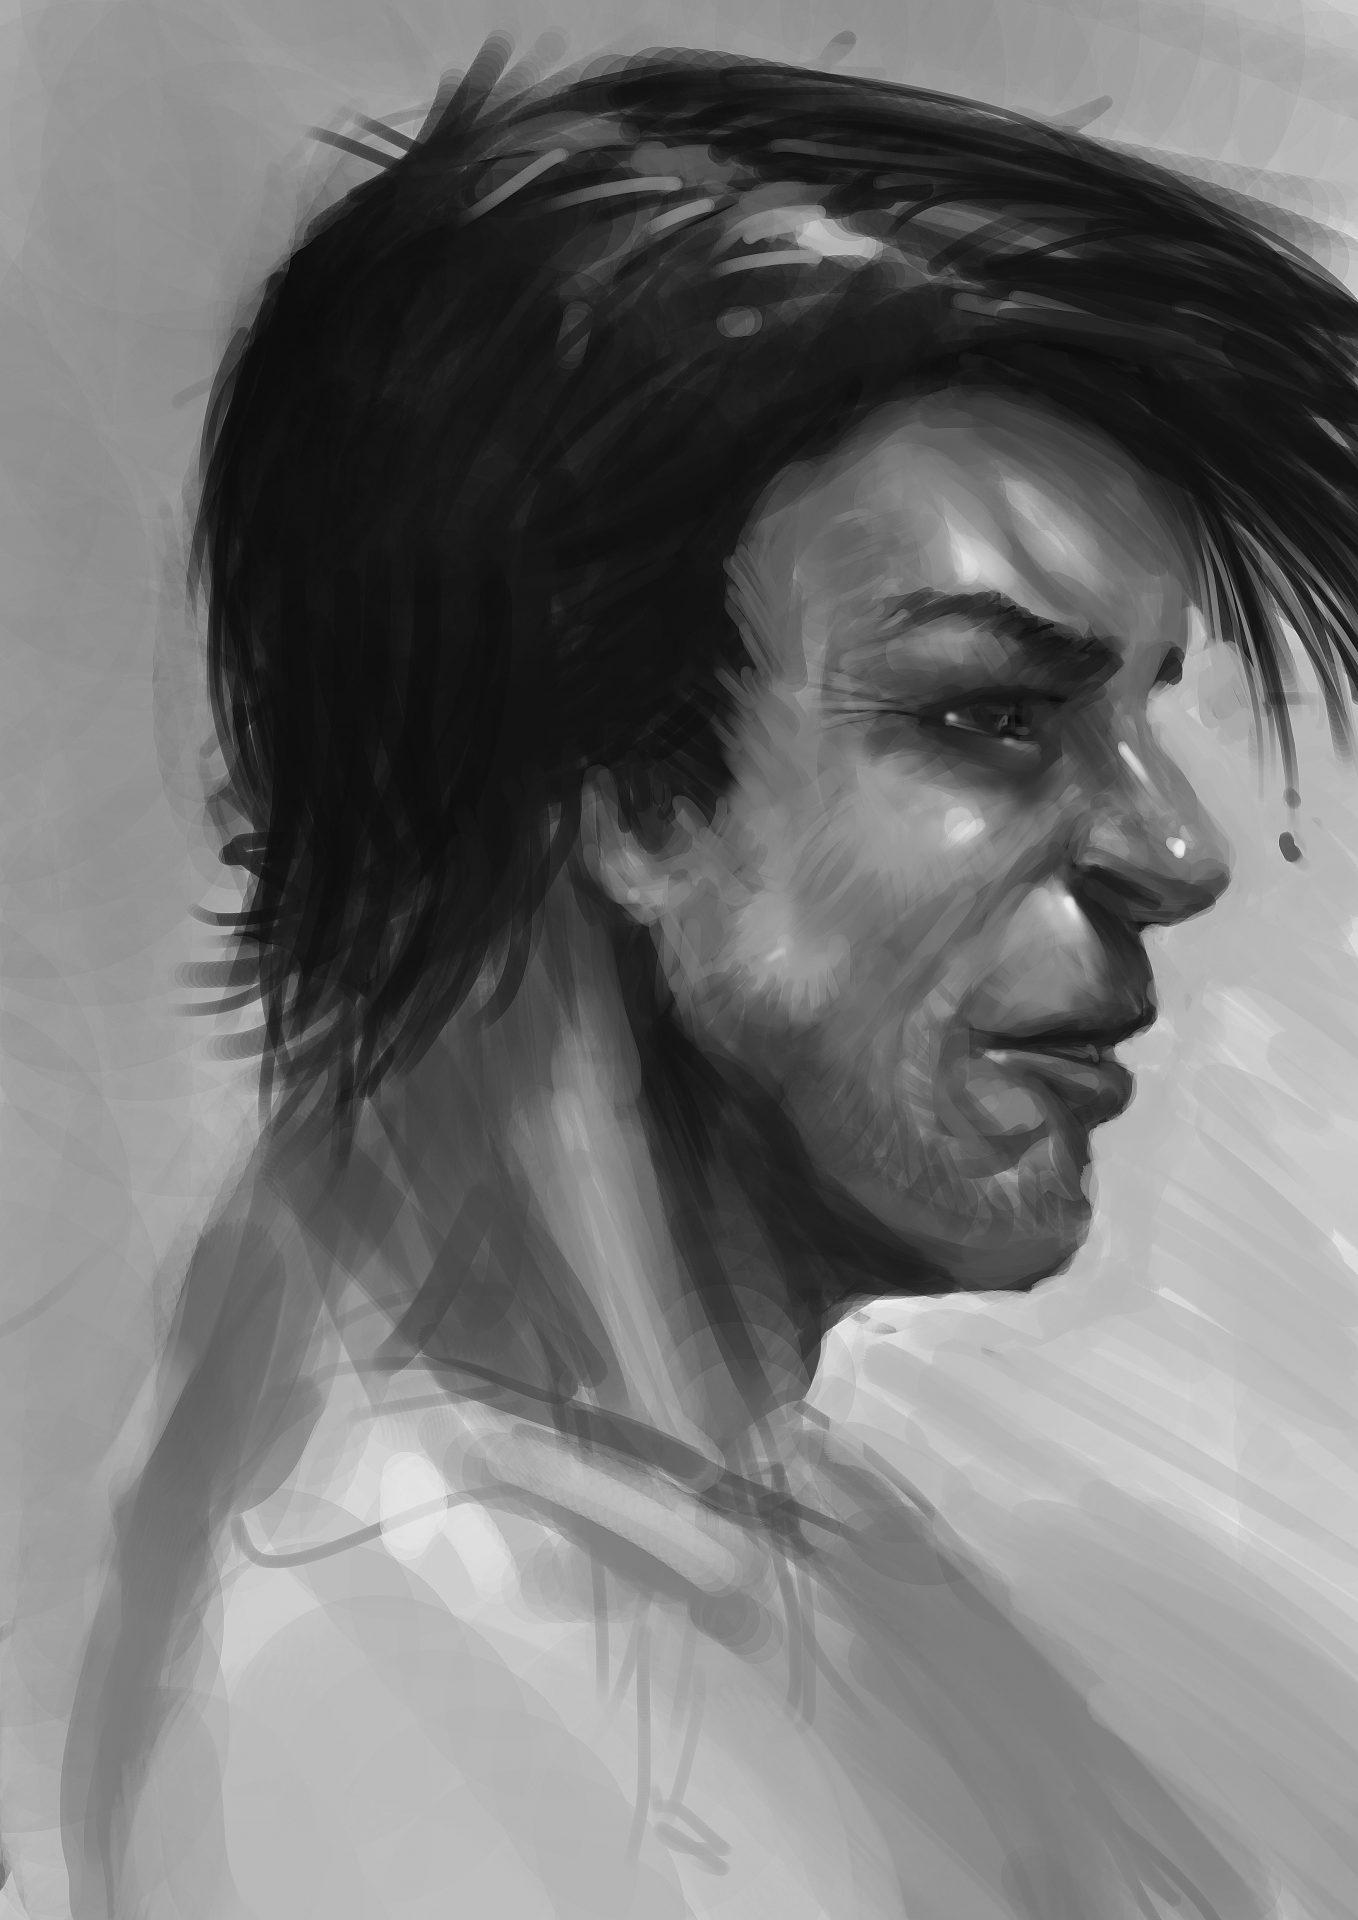 Portrait exploration